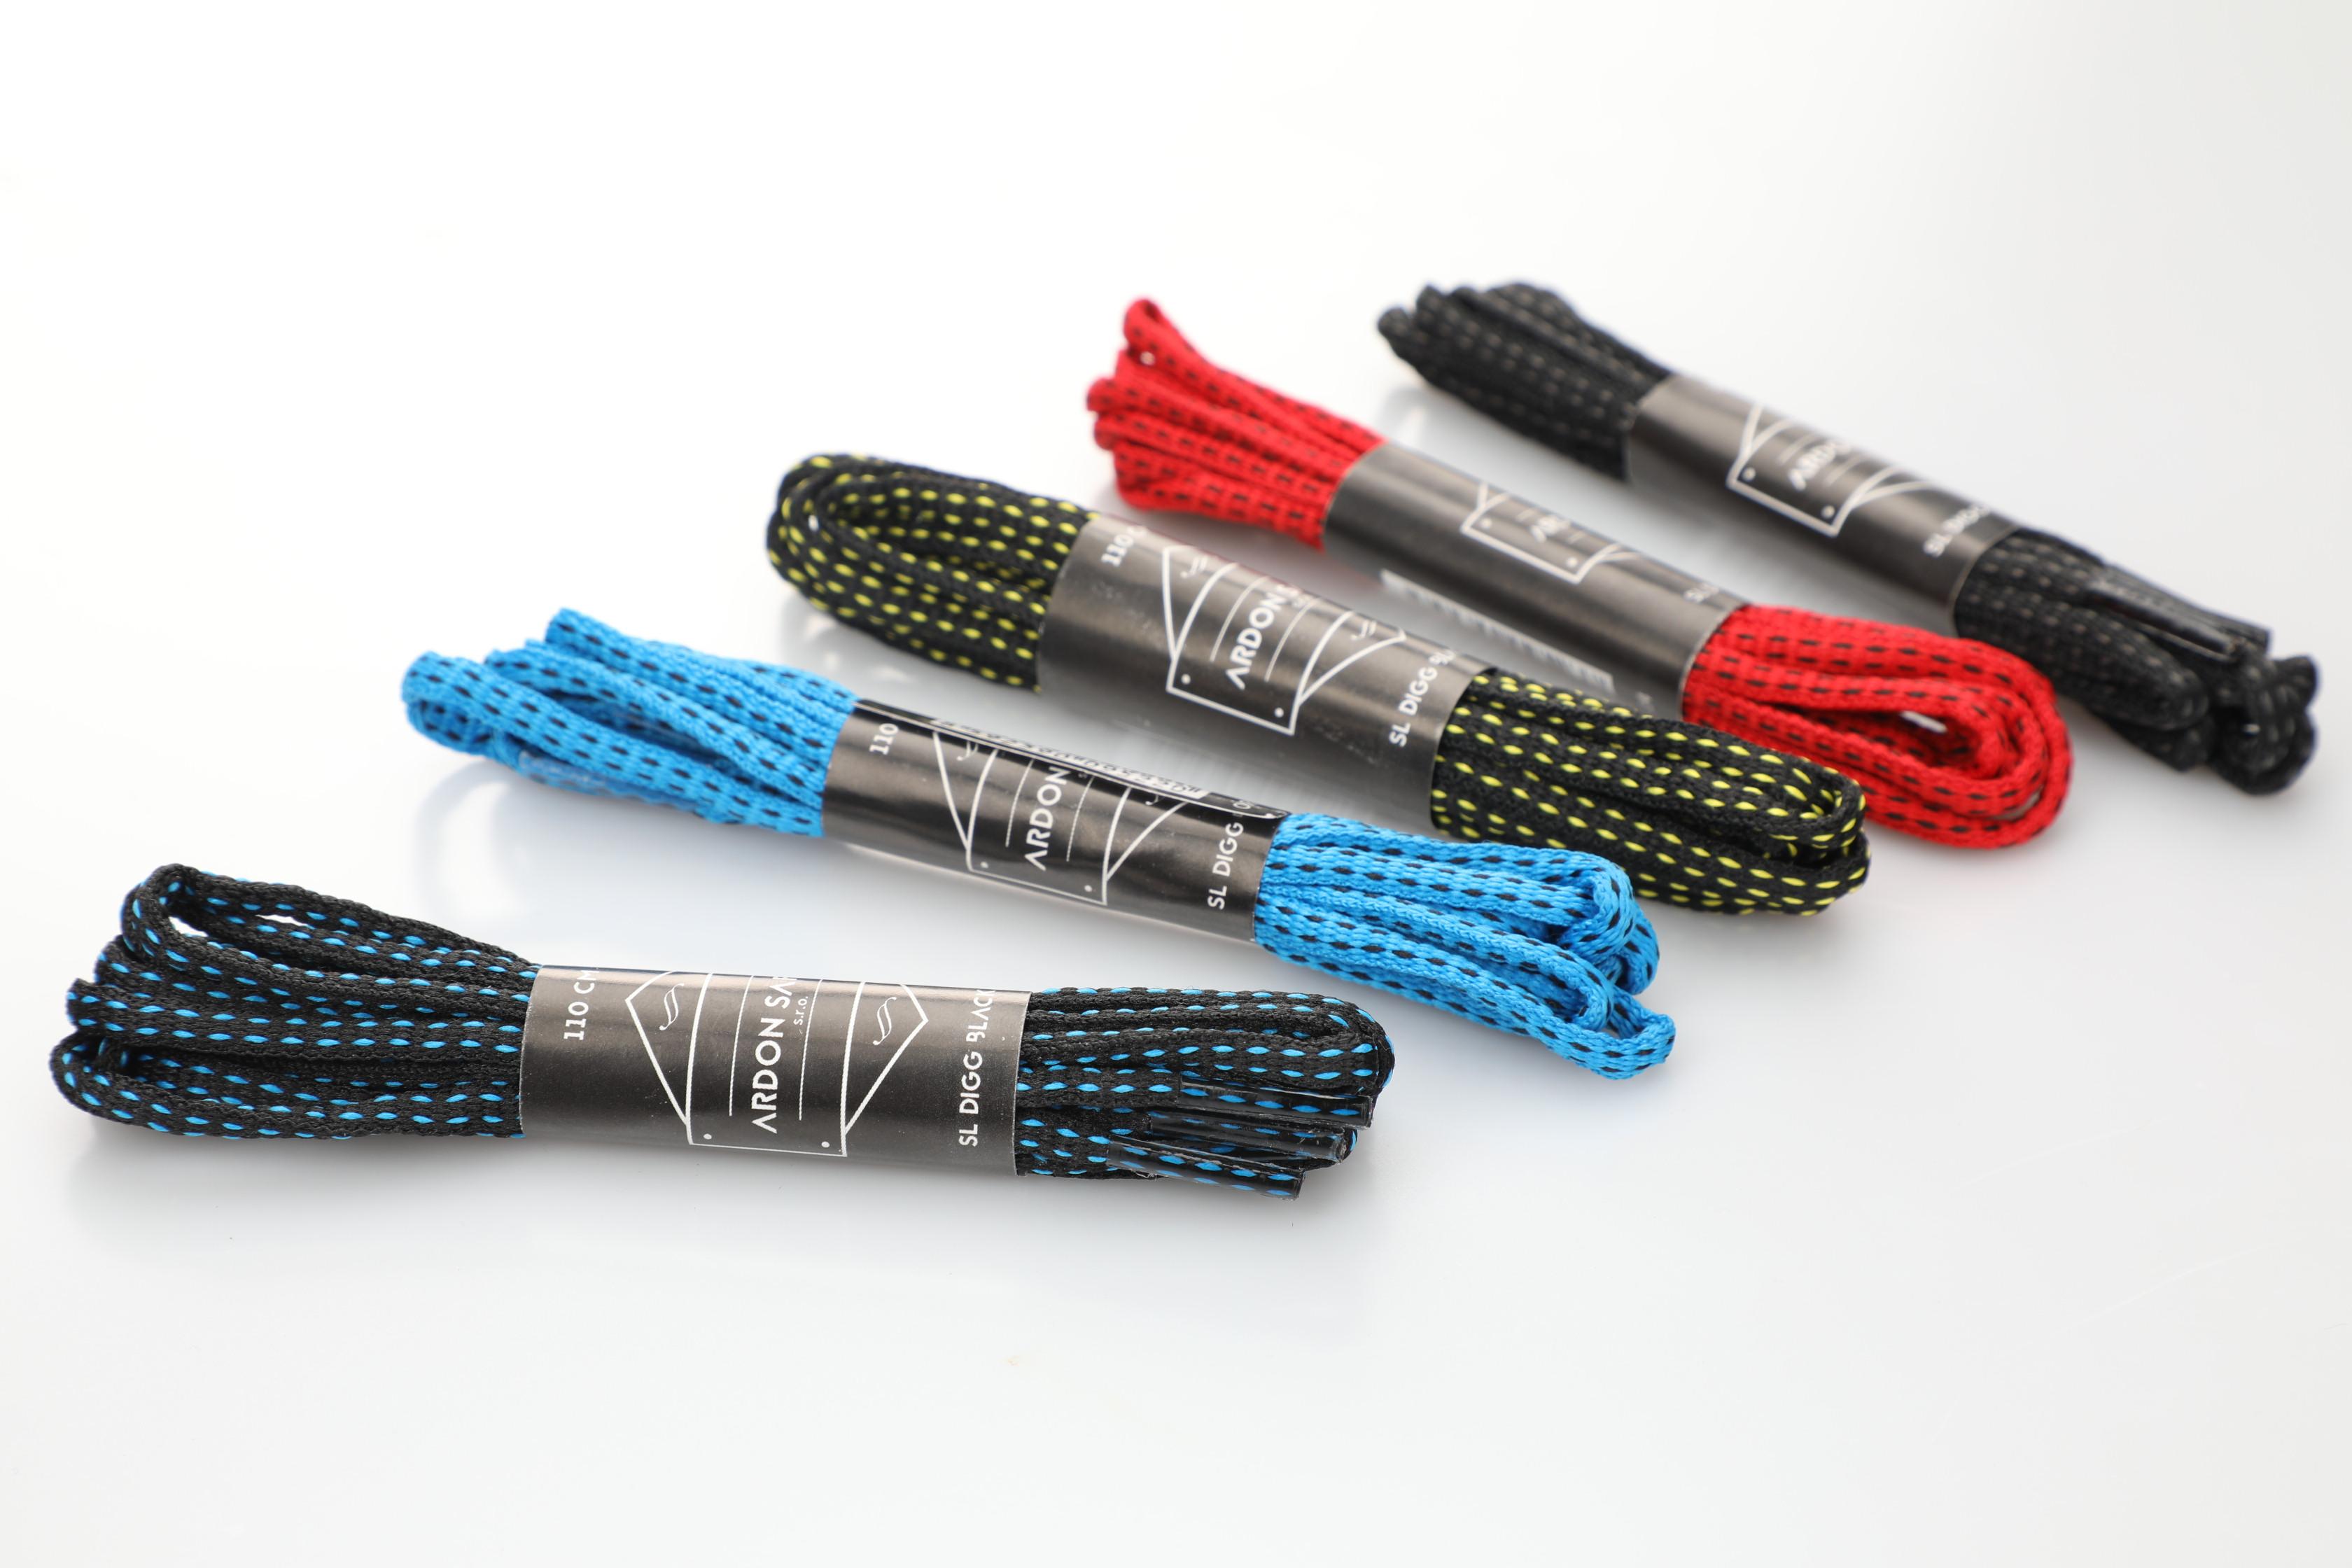 Tkaničky Digger červeno/černé 105